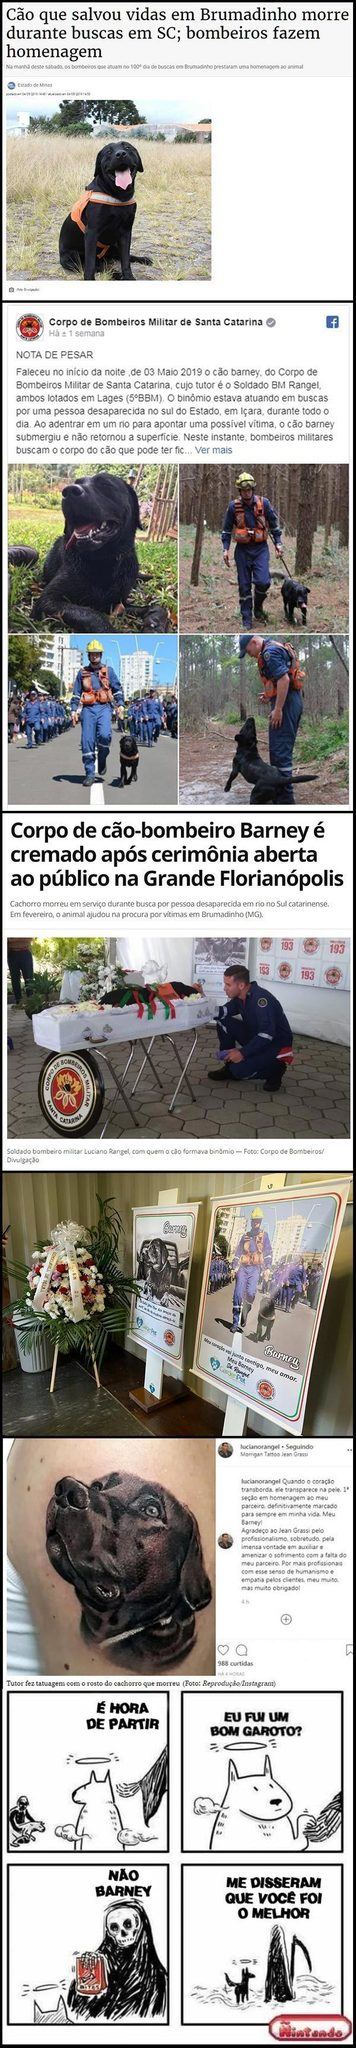 DE NADA PELOS MEMES, AGORA SEGUE MINHAS CONTAS AI >:) TAGS**